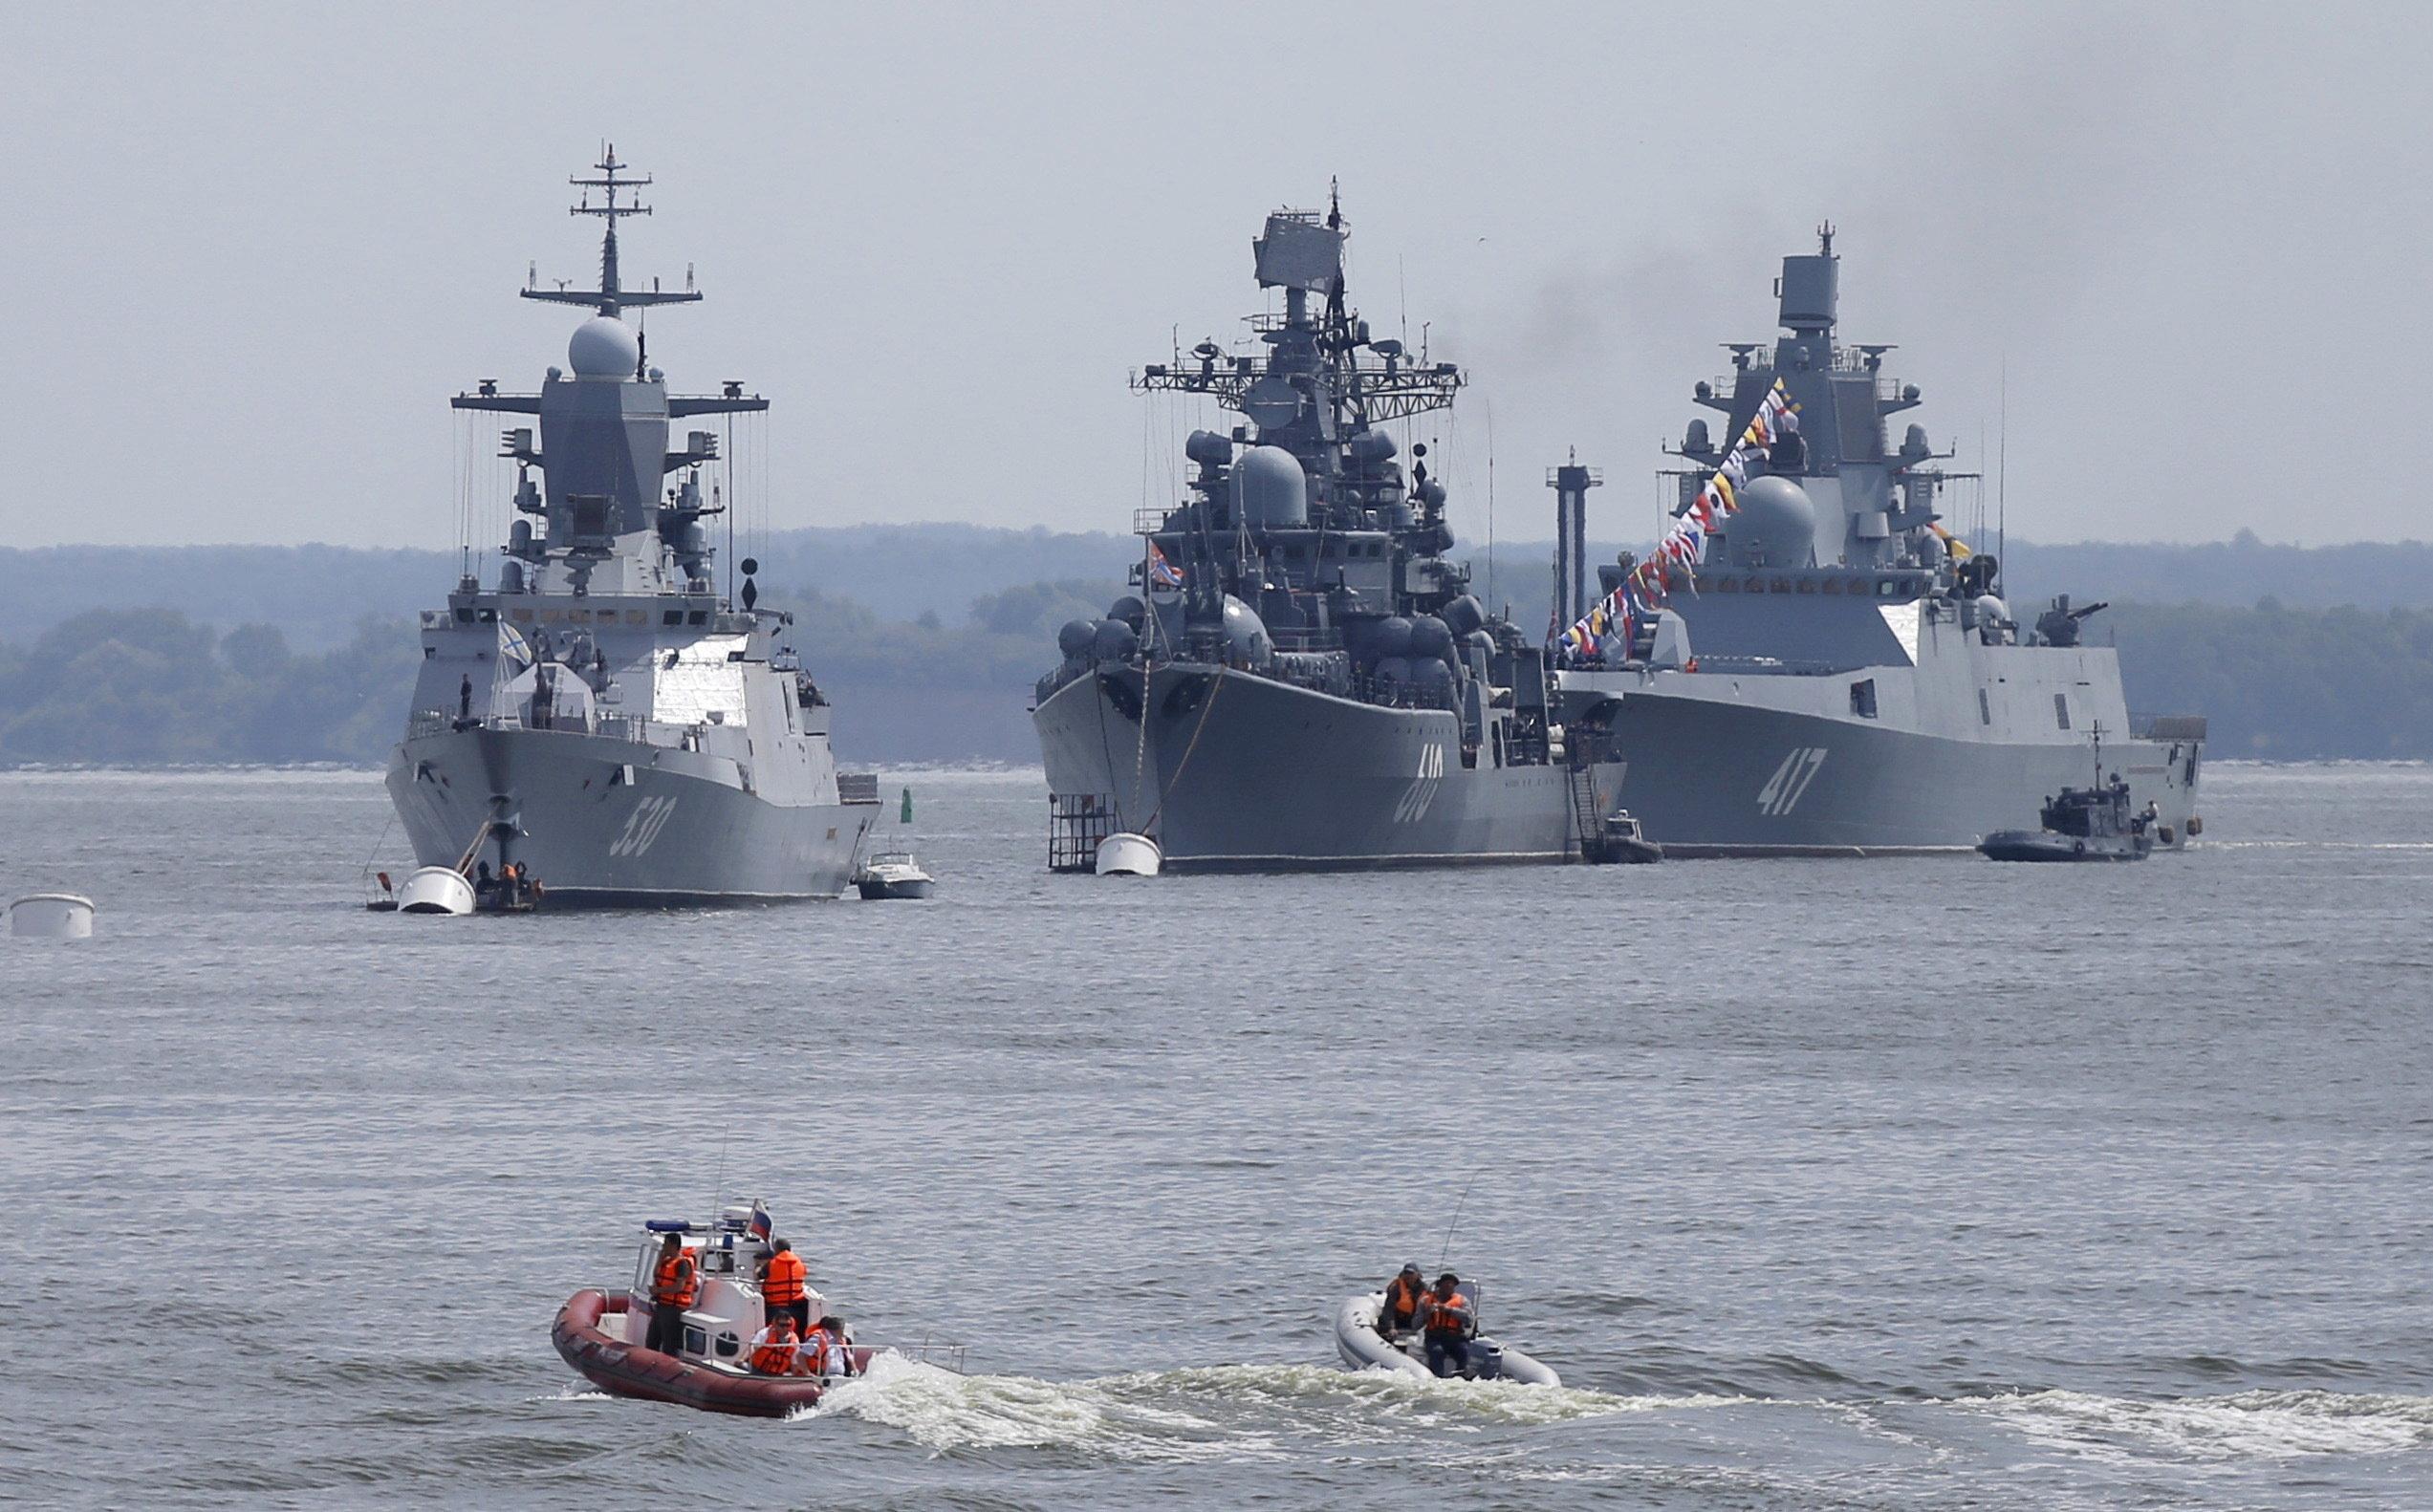 Großbritannien wegen erhöhter Aktivität russischer Marine nahe Staatsgrenzen besorgt